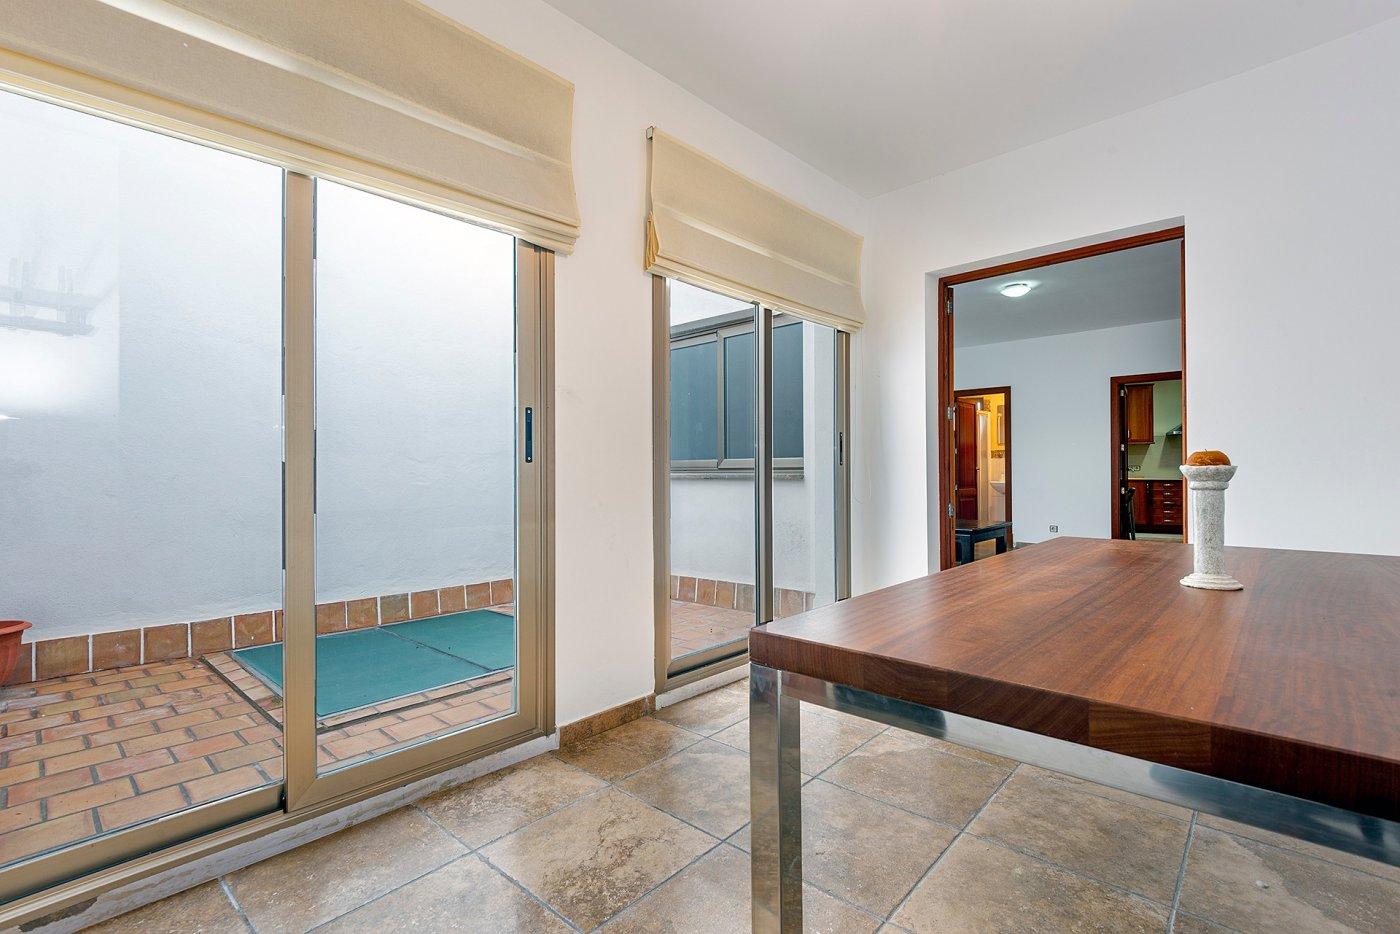 Gran vivienda totalmente reformada en pleno centro de manacor - imagenInmueble25